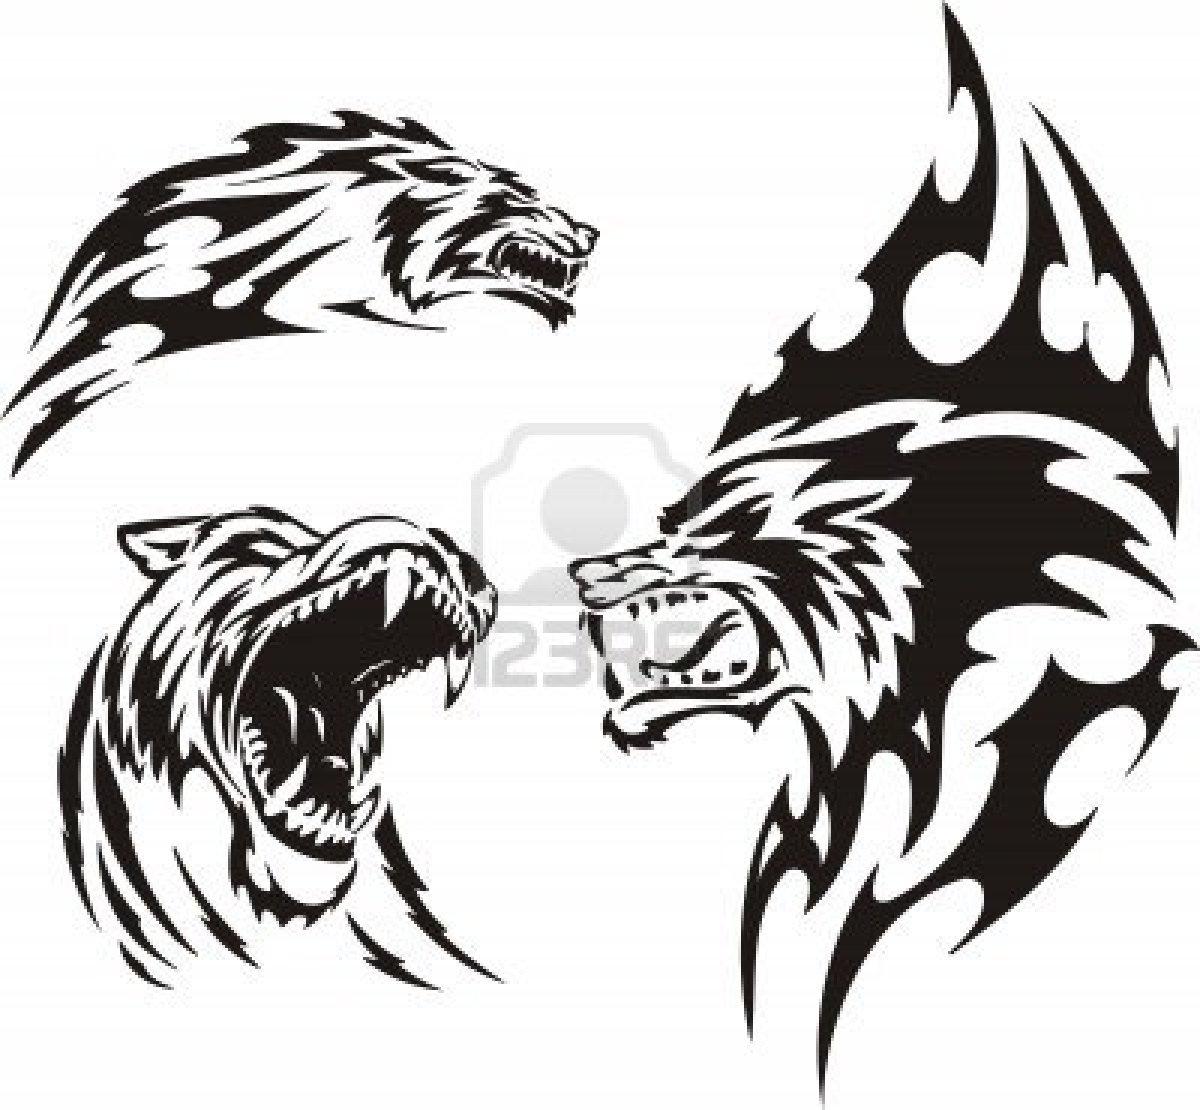 Что означает татуировка волка с пастью открытой